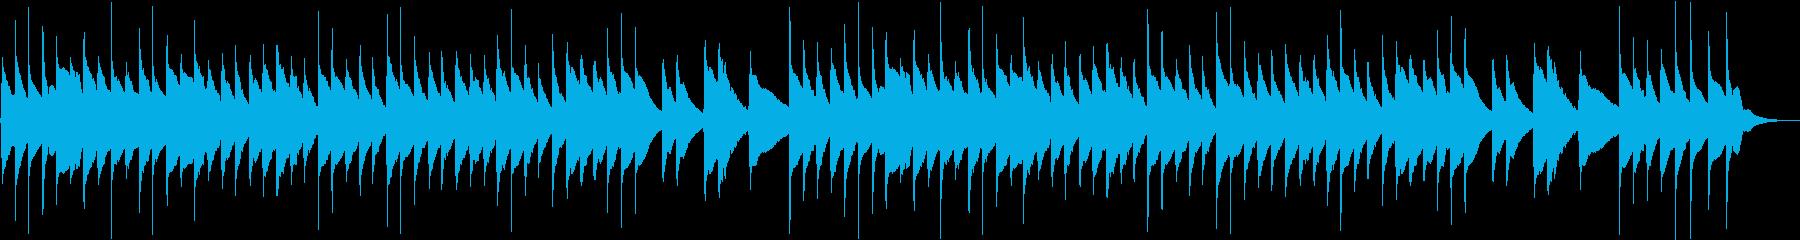 明るい雰囲気のオルゴールの再生済みの波形